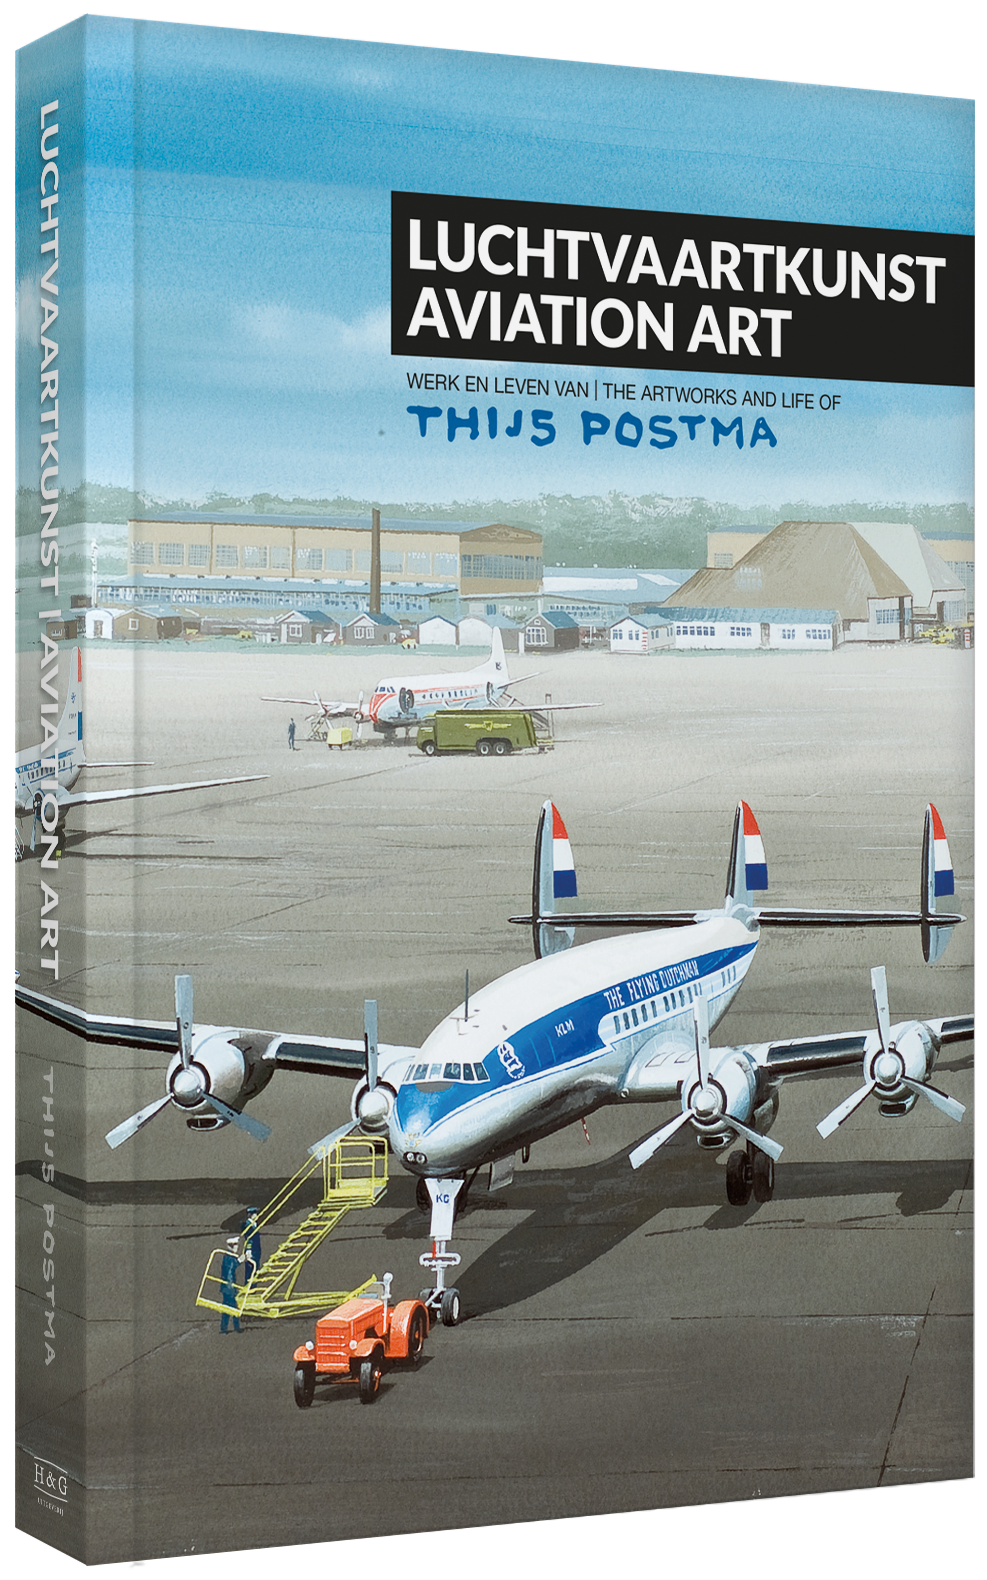 Luchtvaartkunst_Thijs-Postma_Bestel-nu-in-de-voorverkoop